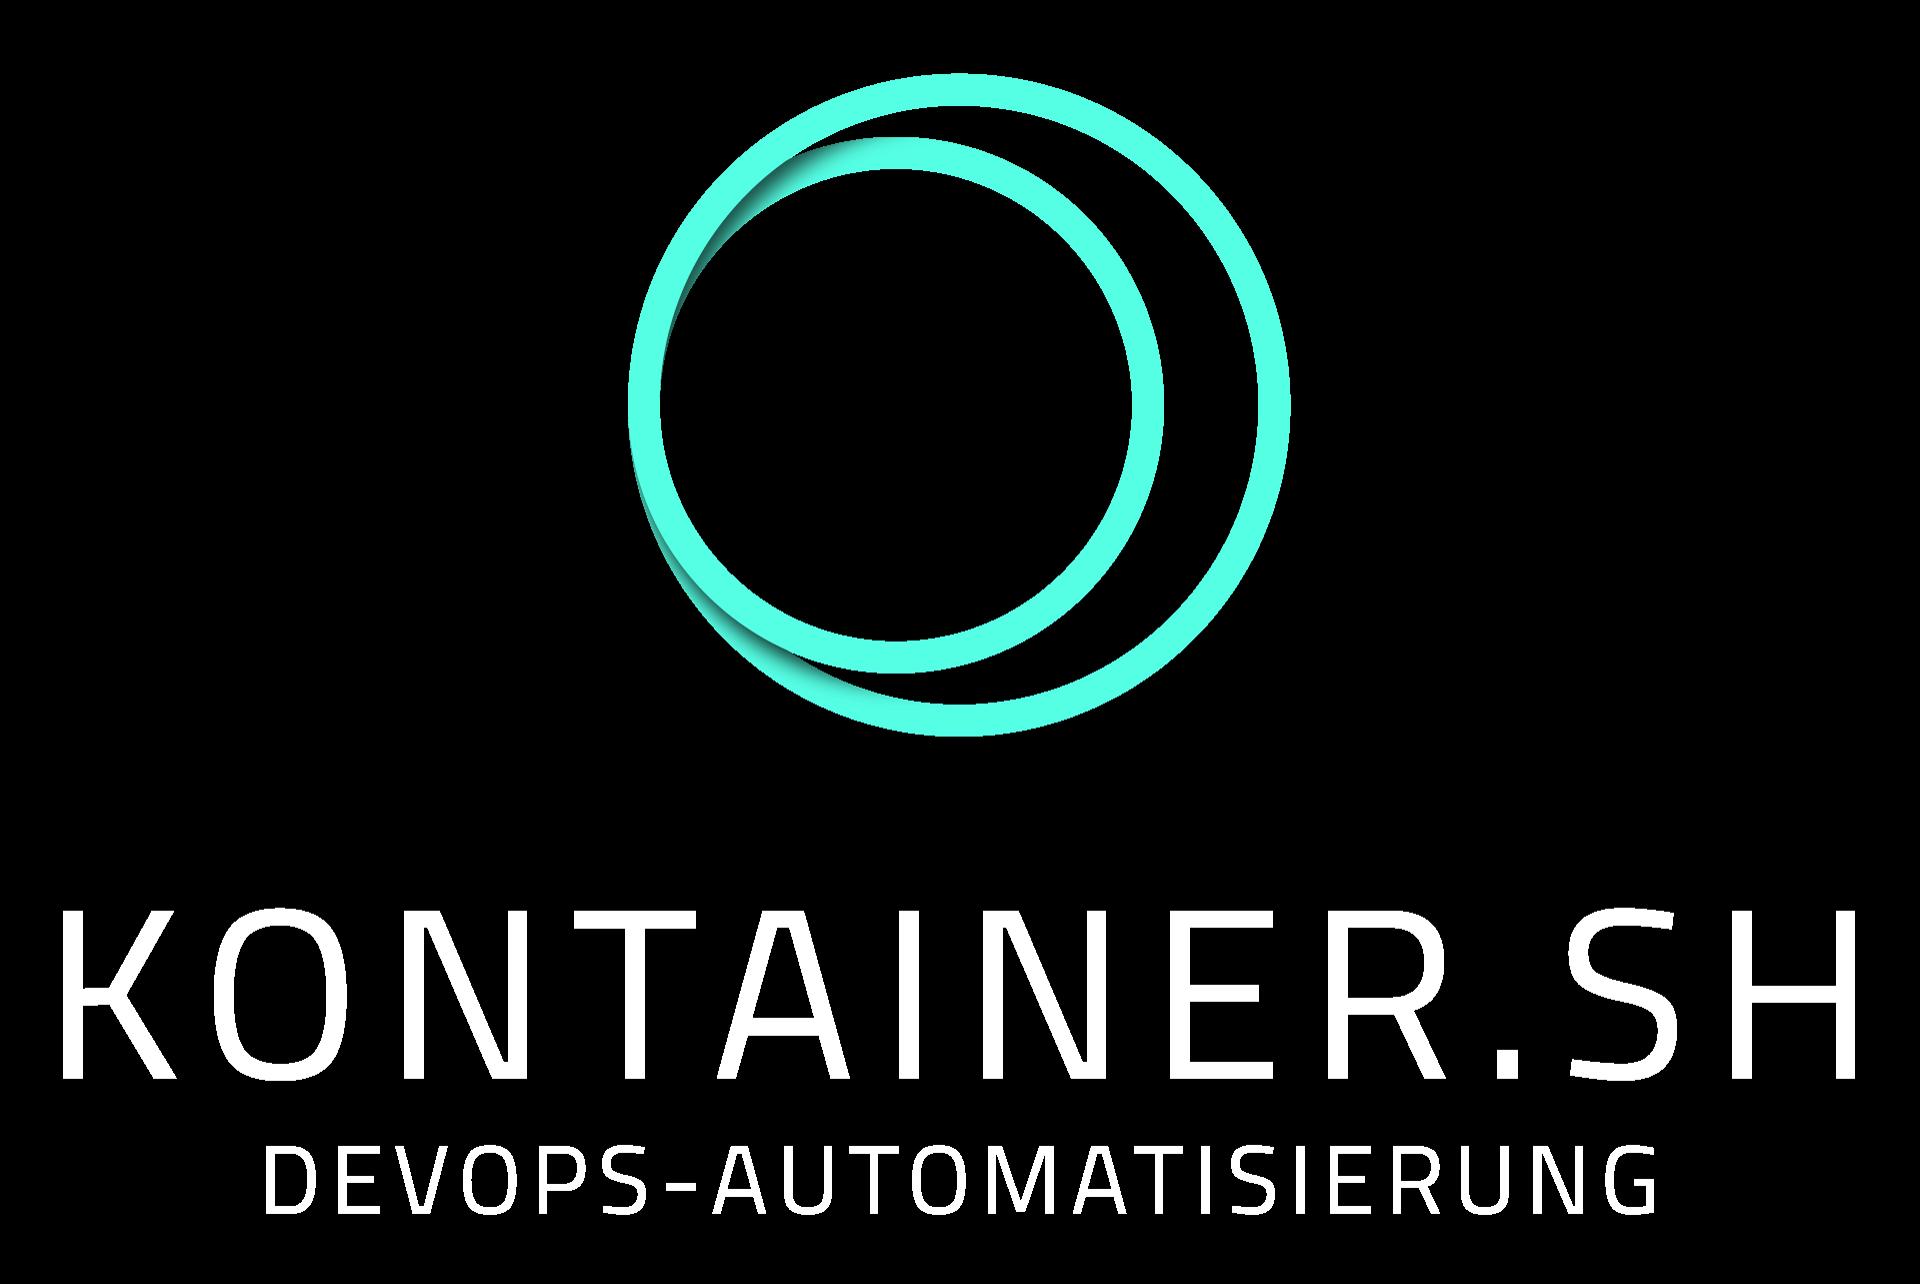 DevOps-Engineer - Infrastructure-as-Code - DevOps Tools